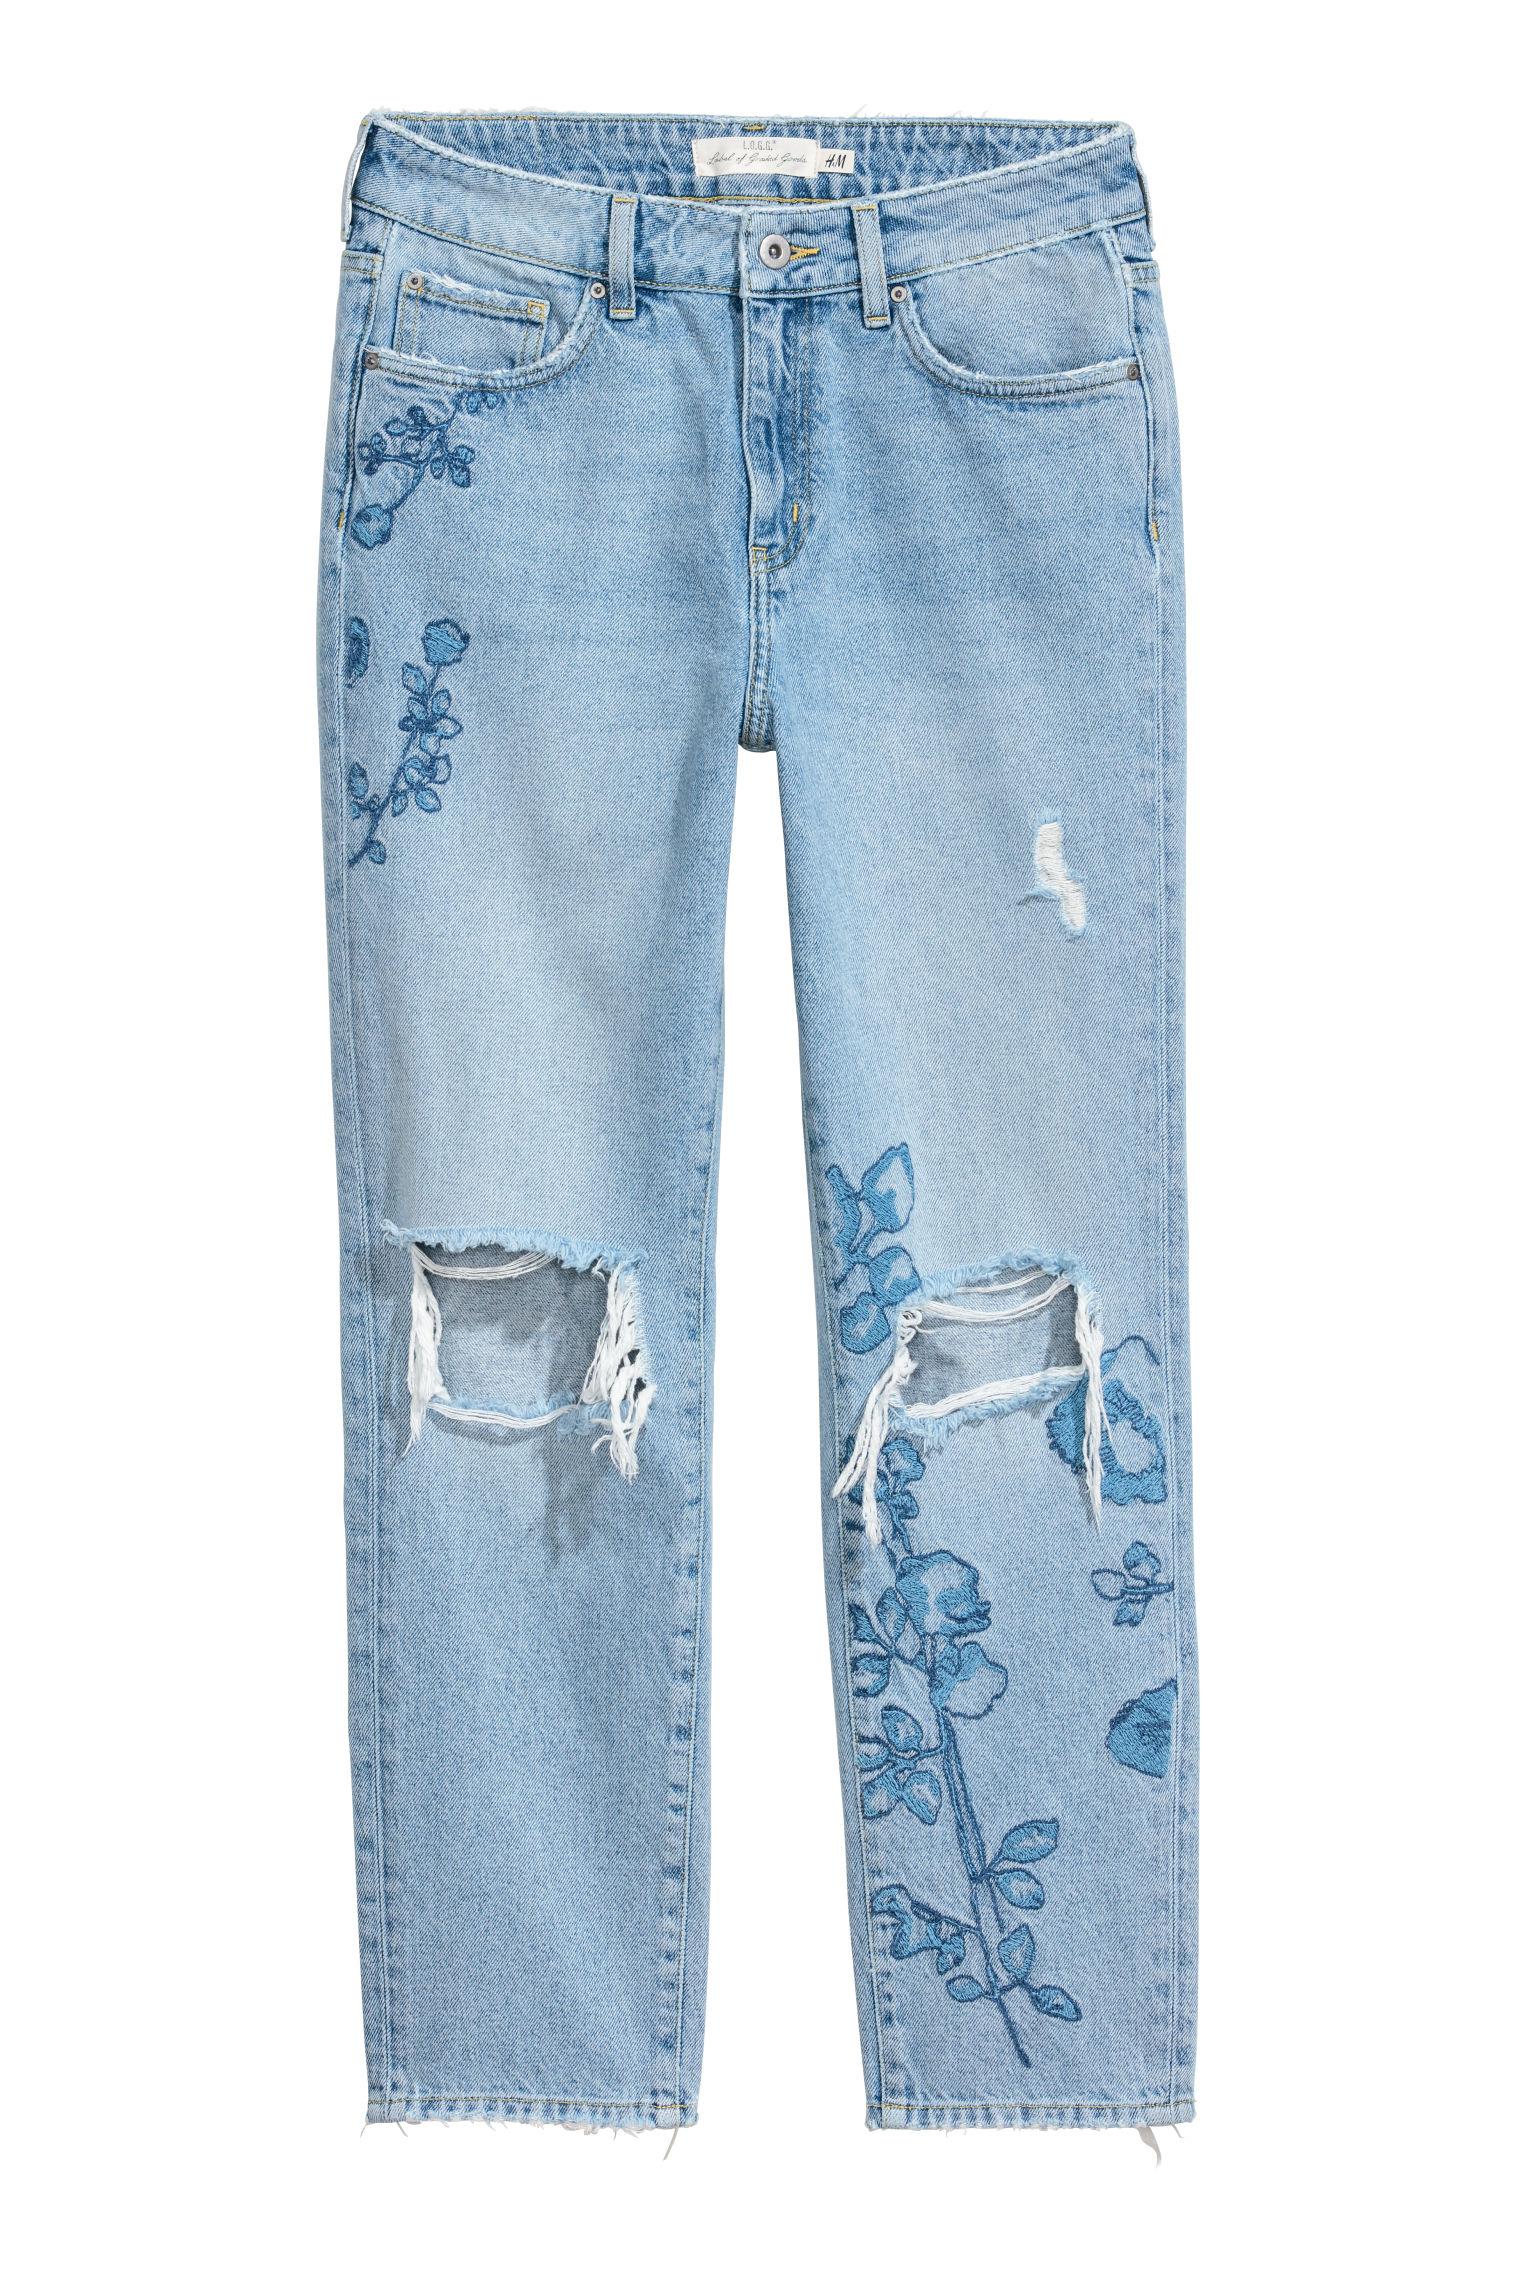 4cedc755f396 Mix and match  tessuto strappato dal sapore rock e romantici ricami  caratterizzano i jeans a 5 tasche in denim lavato (39